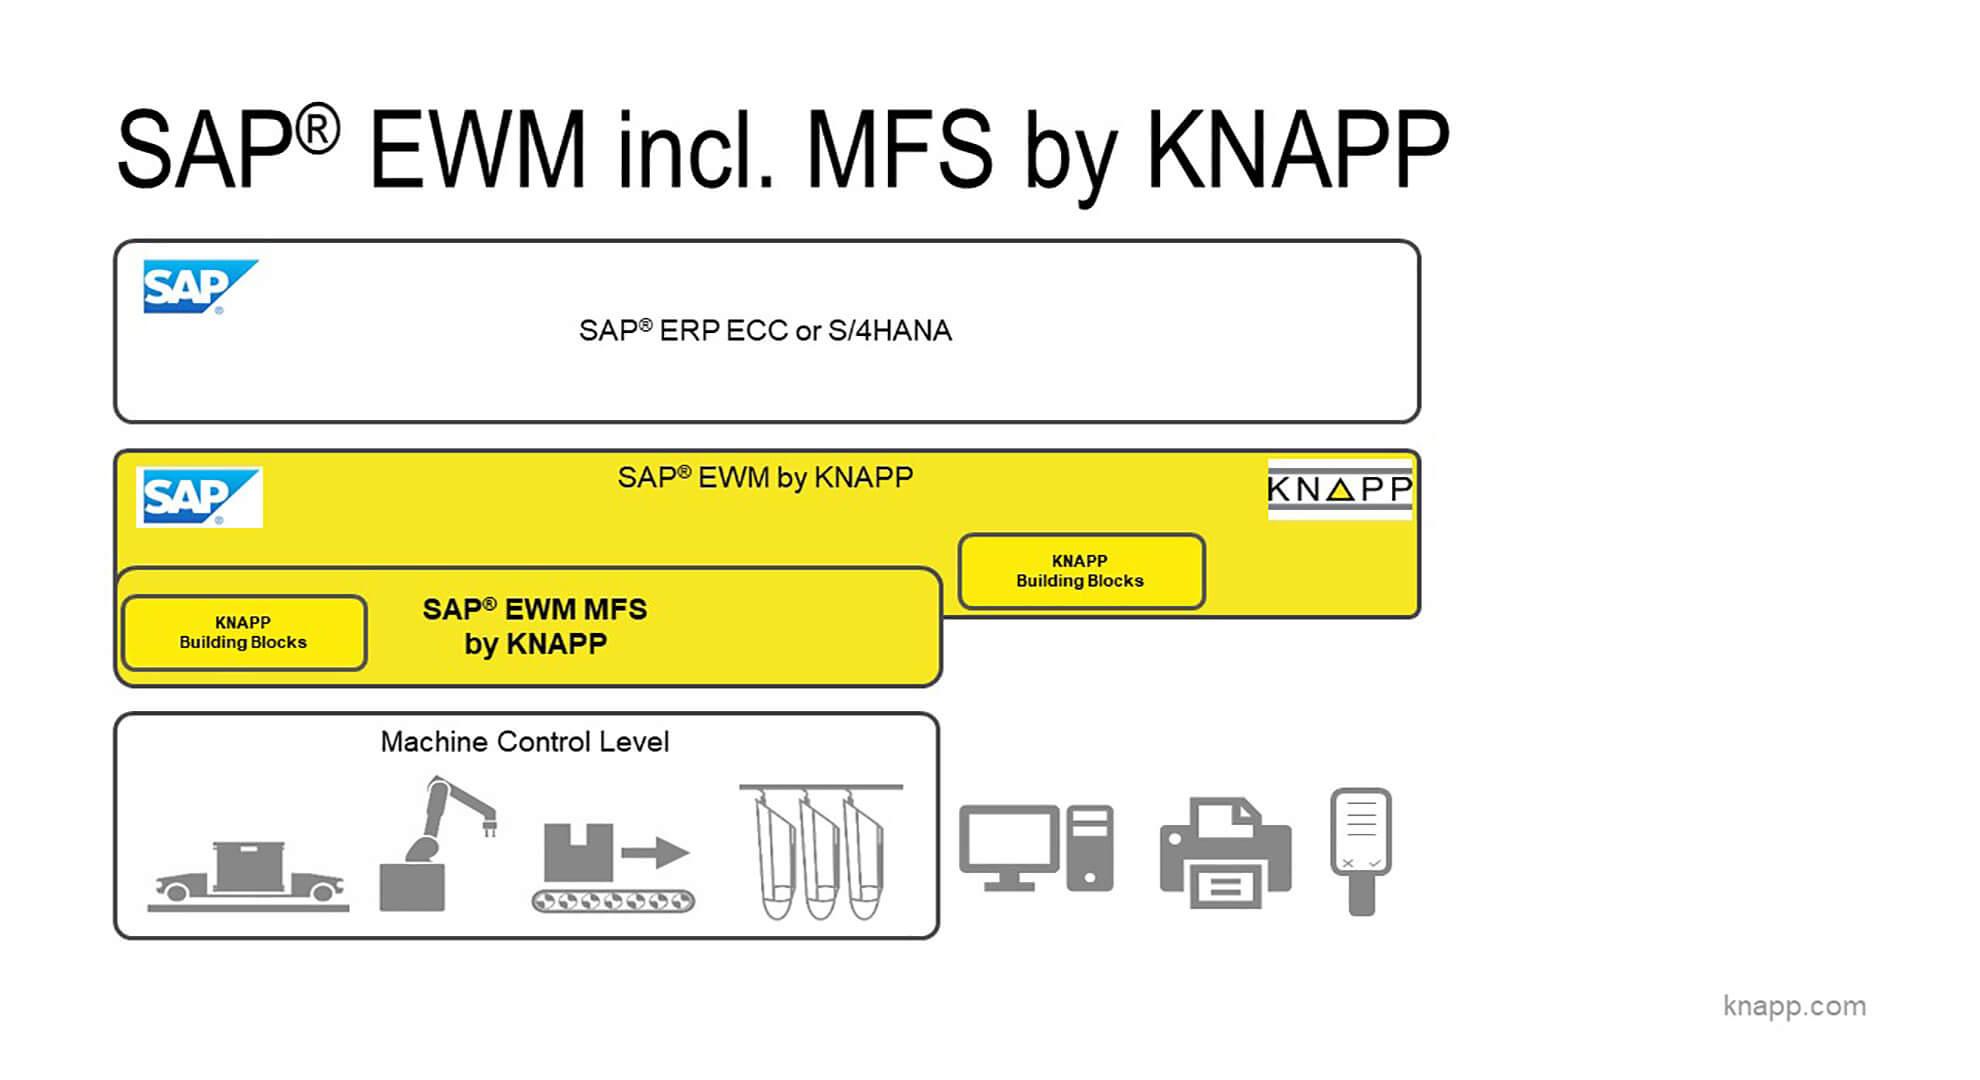 Systemlandschaft - SAP EWM incl. MFS by KNAPP